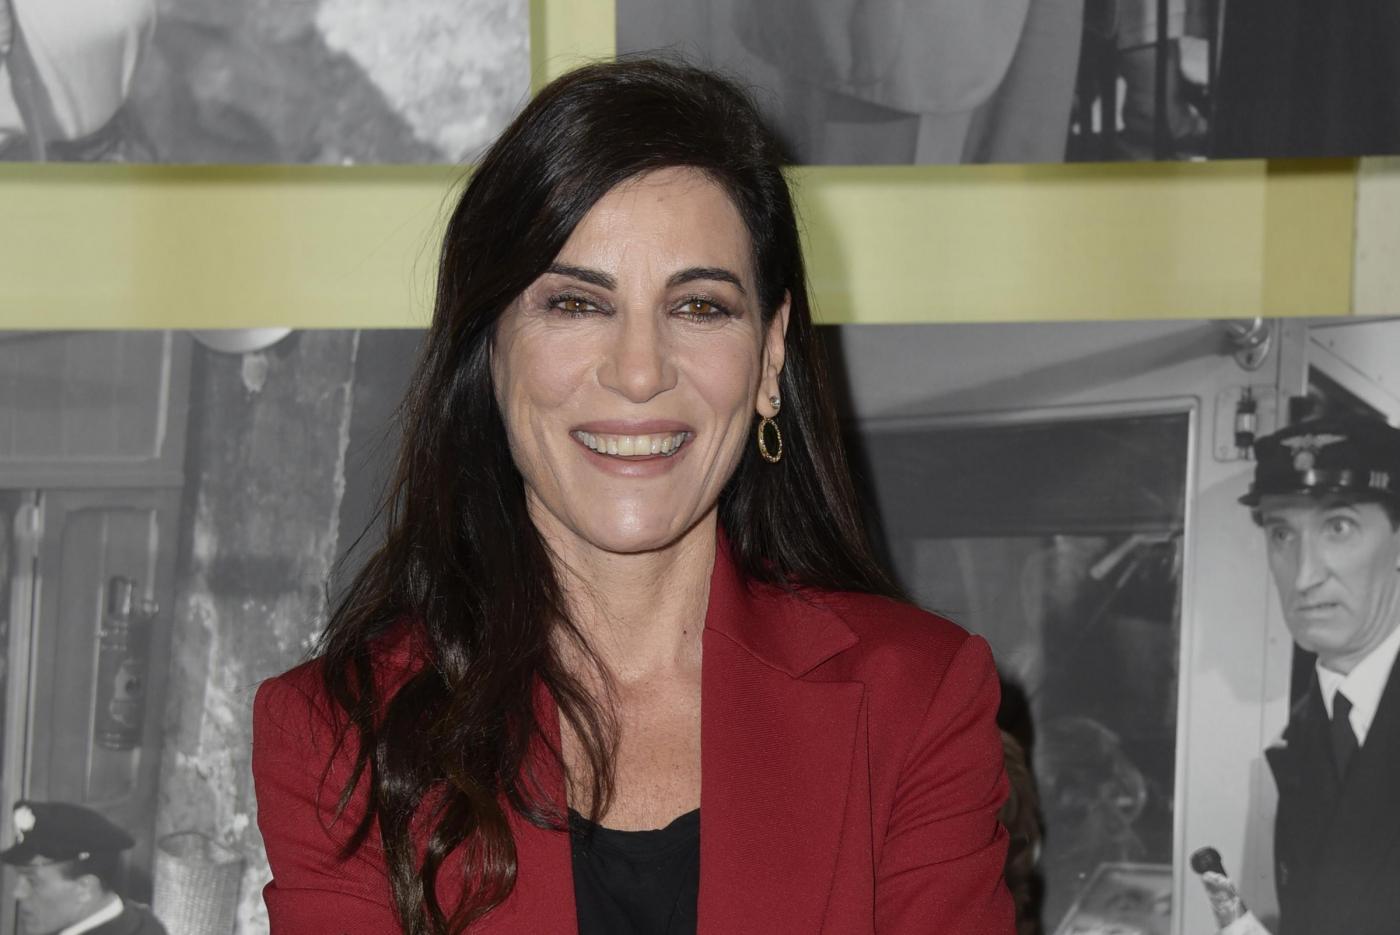 Paola Turci, coming out a metà: 'Mai più con un uomo, ma niente etichette'